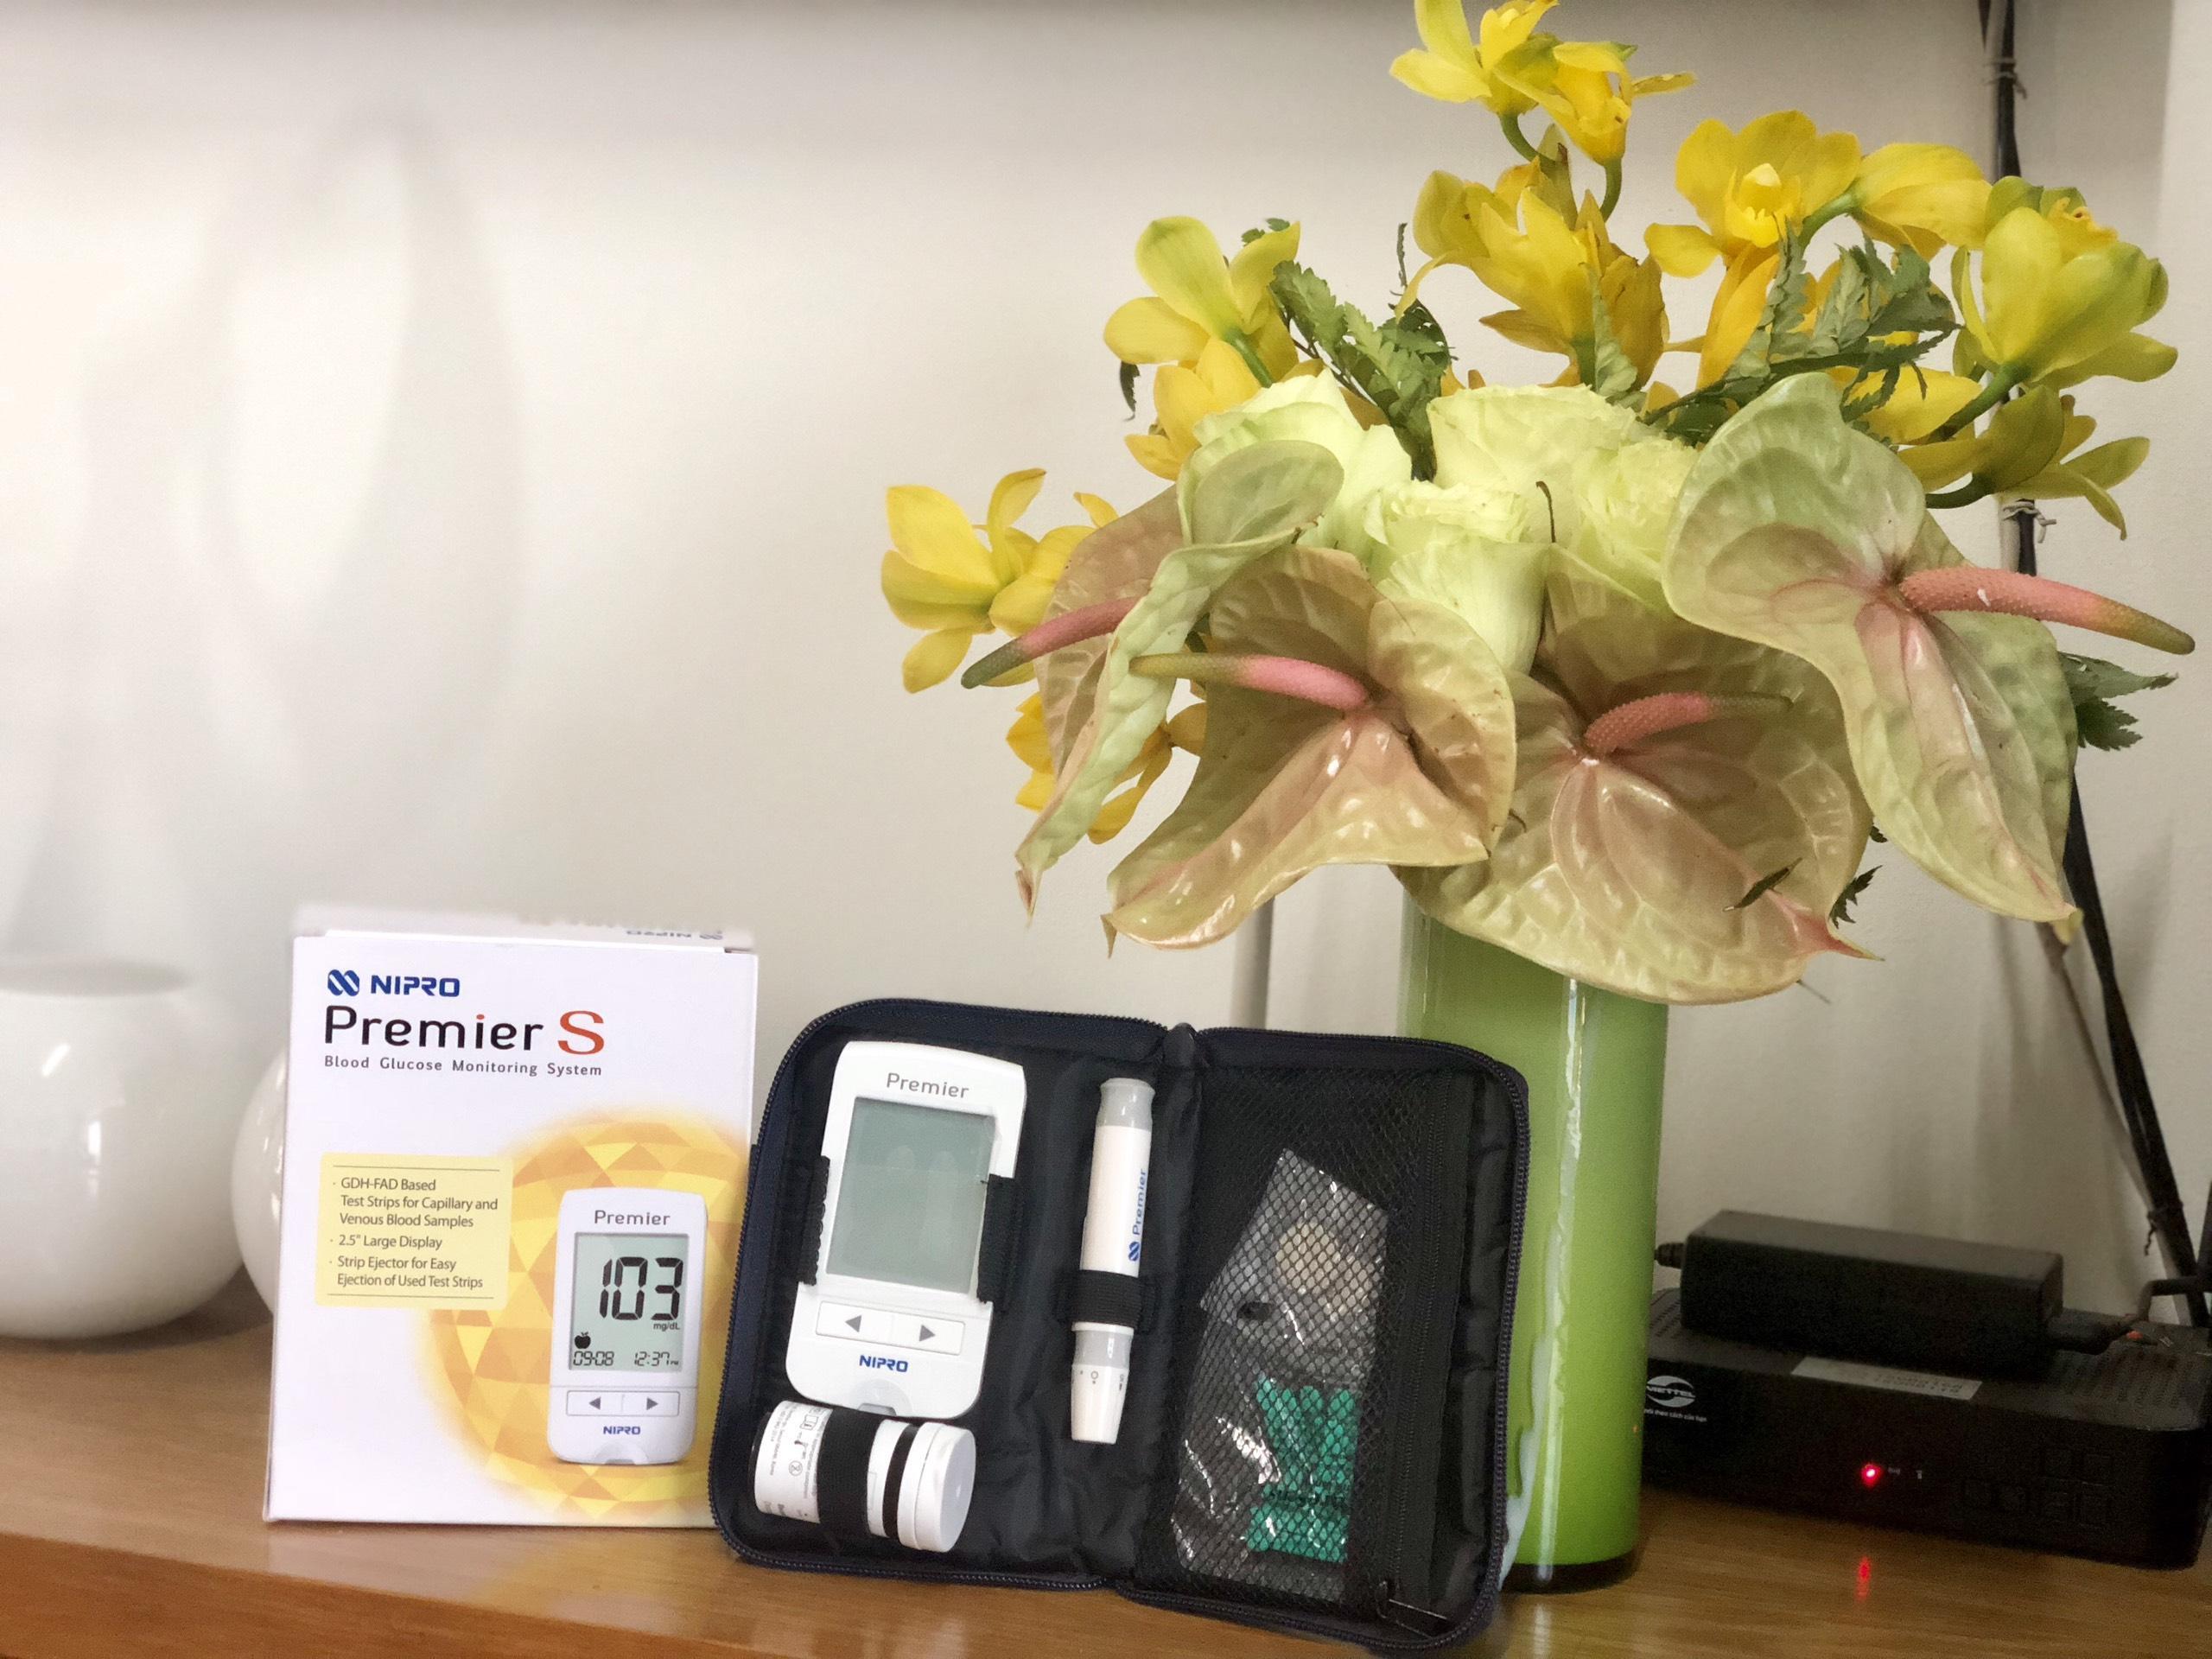 Nơi bán Máy đo đường huyết Nipro Premier S chính hãng công nghệ nhật Bản